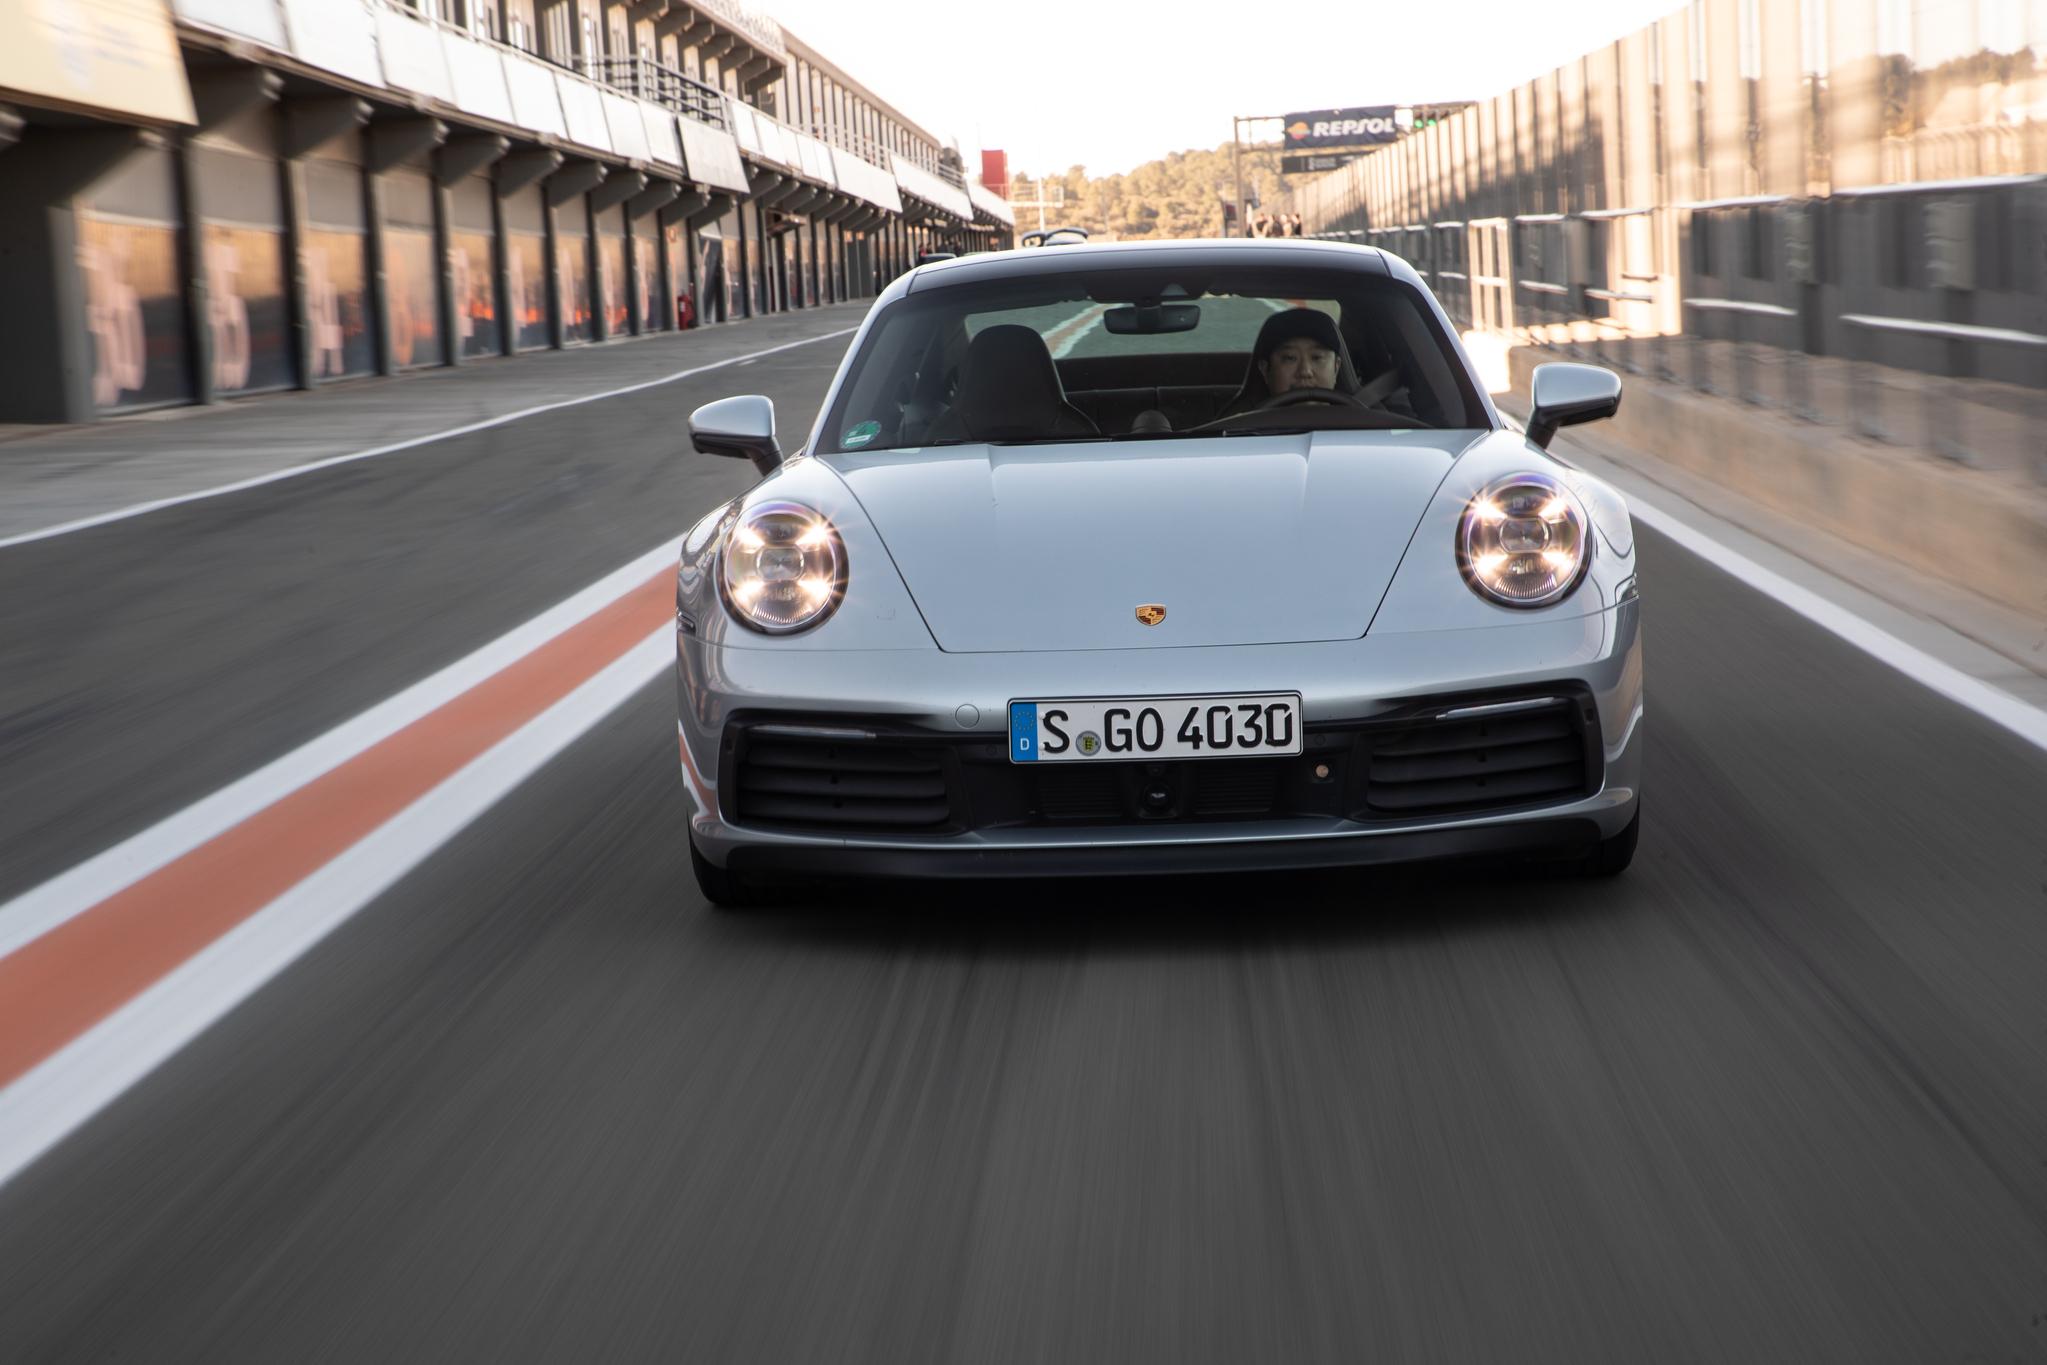 지난 1월 스페인 발렌시아 리카르도 토르모 서킷에서 중앙일보 이동현 기자가 더 뉴 포르쉐 911을 시승하고 있다. [사진 포르쉐]